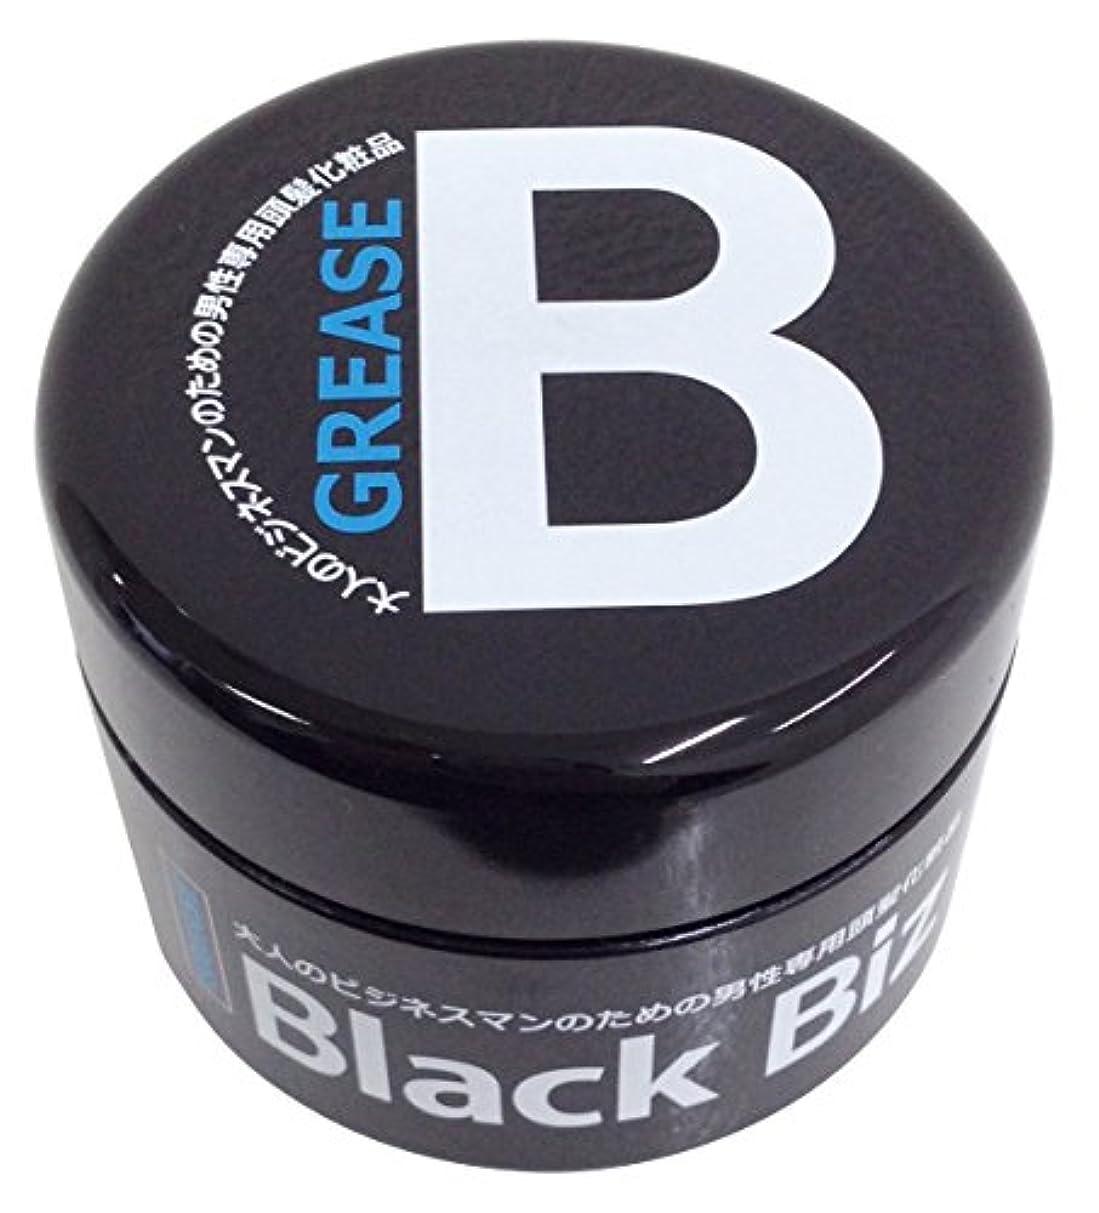 約設定注目すべきピクニックをする大人のビジネスマンのための男性専用頭髪化粧品 BlackBiz GREASE SOFT ブラックビズ グリース ソフト